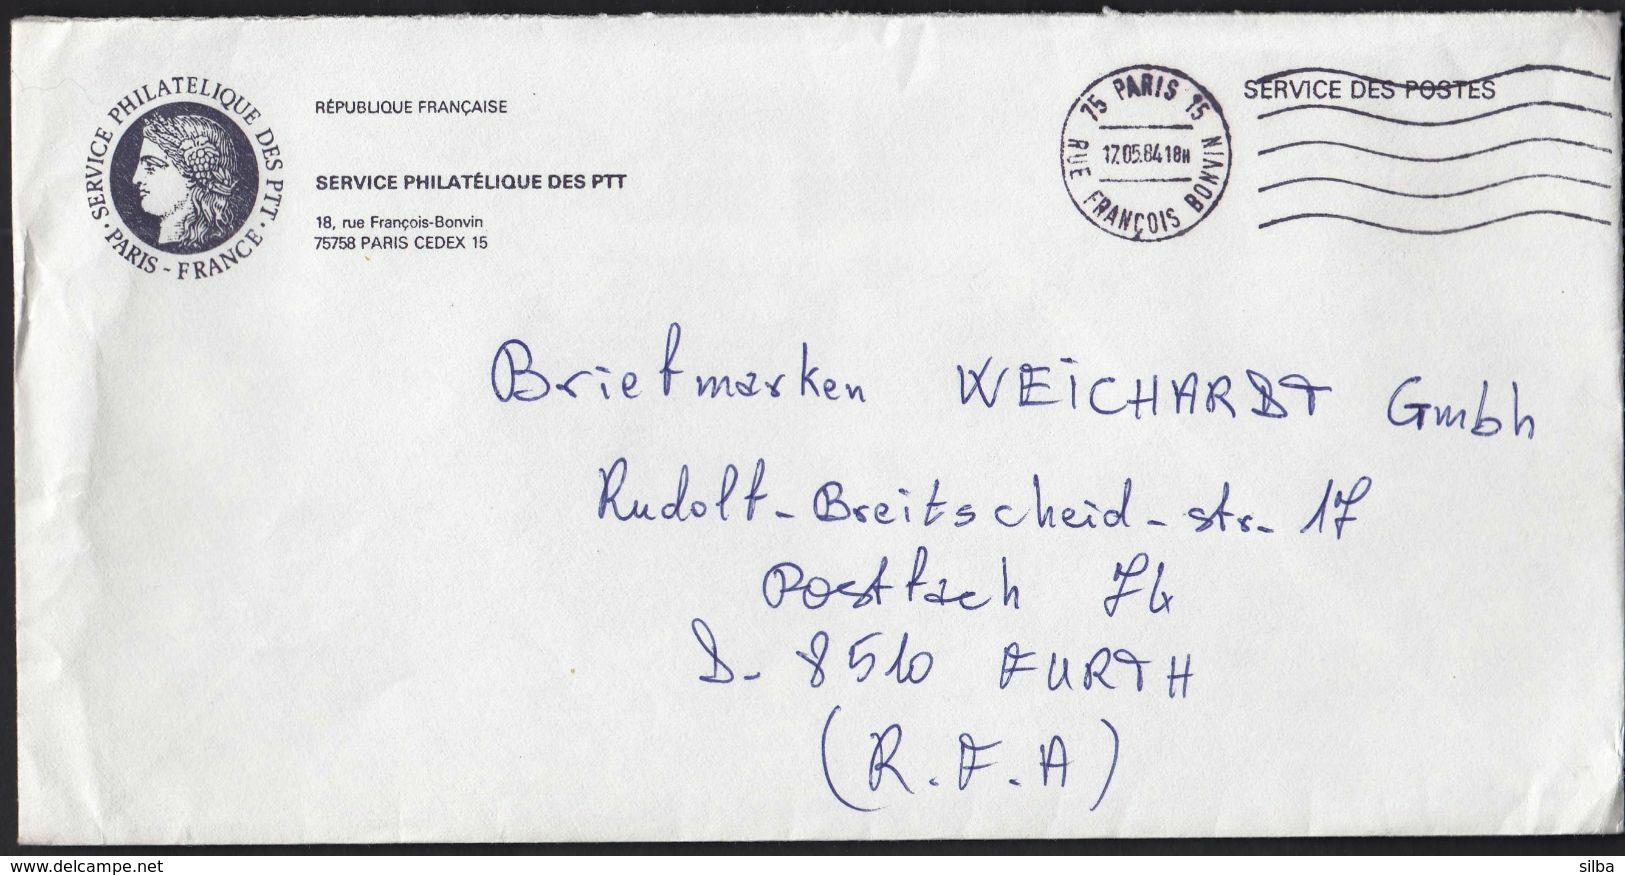 France Paris 1984 / Service Des Postes, Postage Paid / Service Philatelique Des PTT / Coat Of Arms / Machine Stamp - Cartas